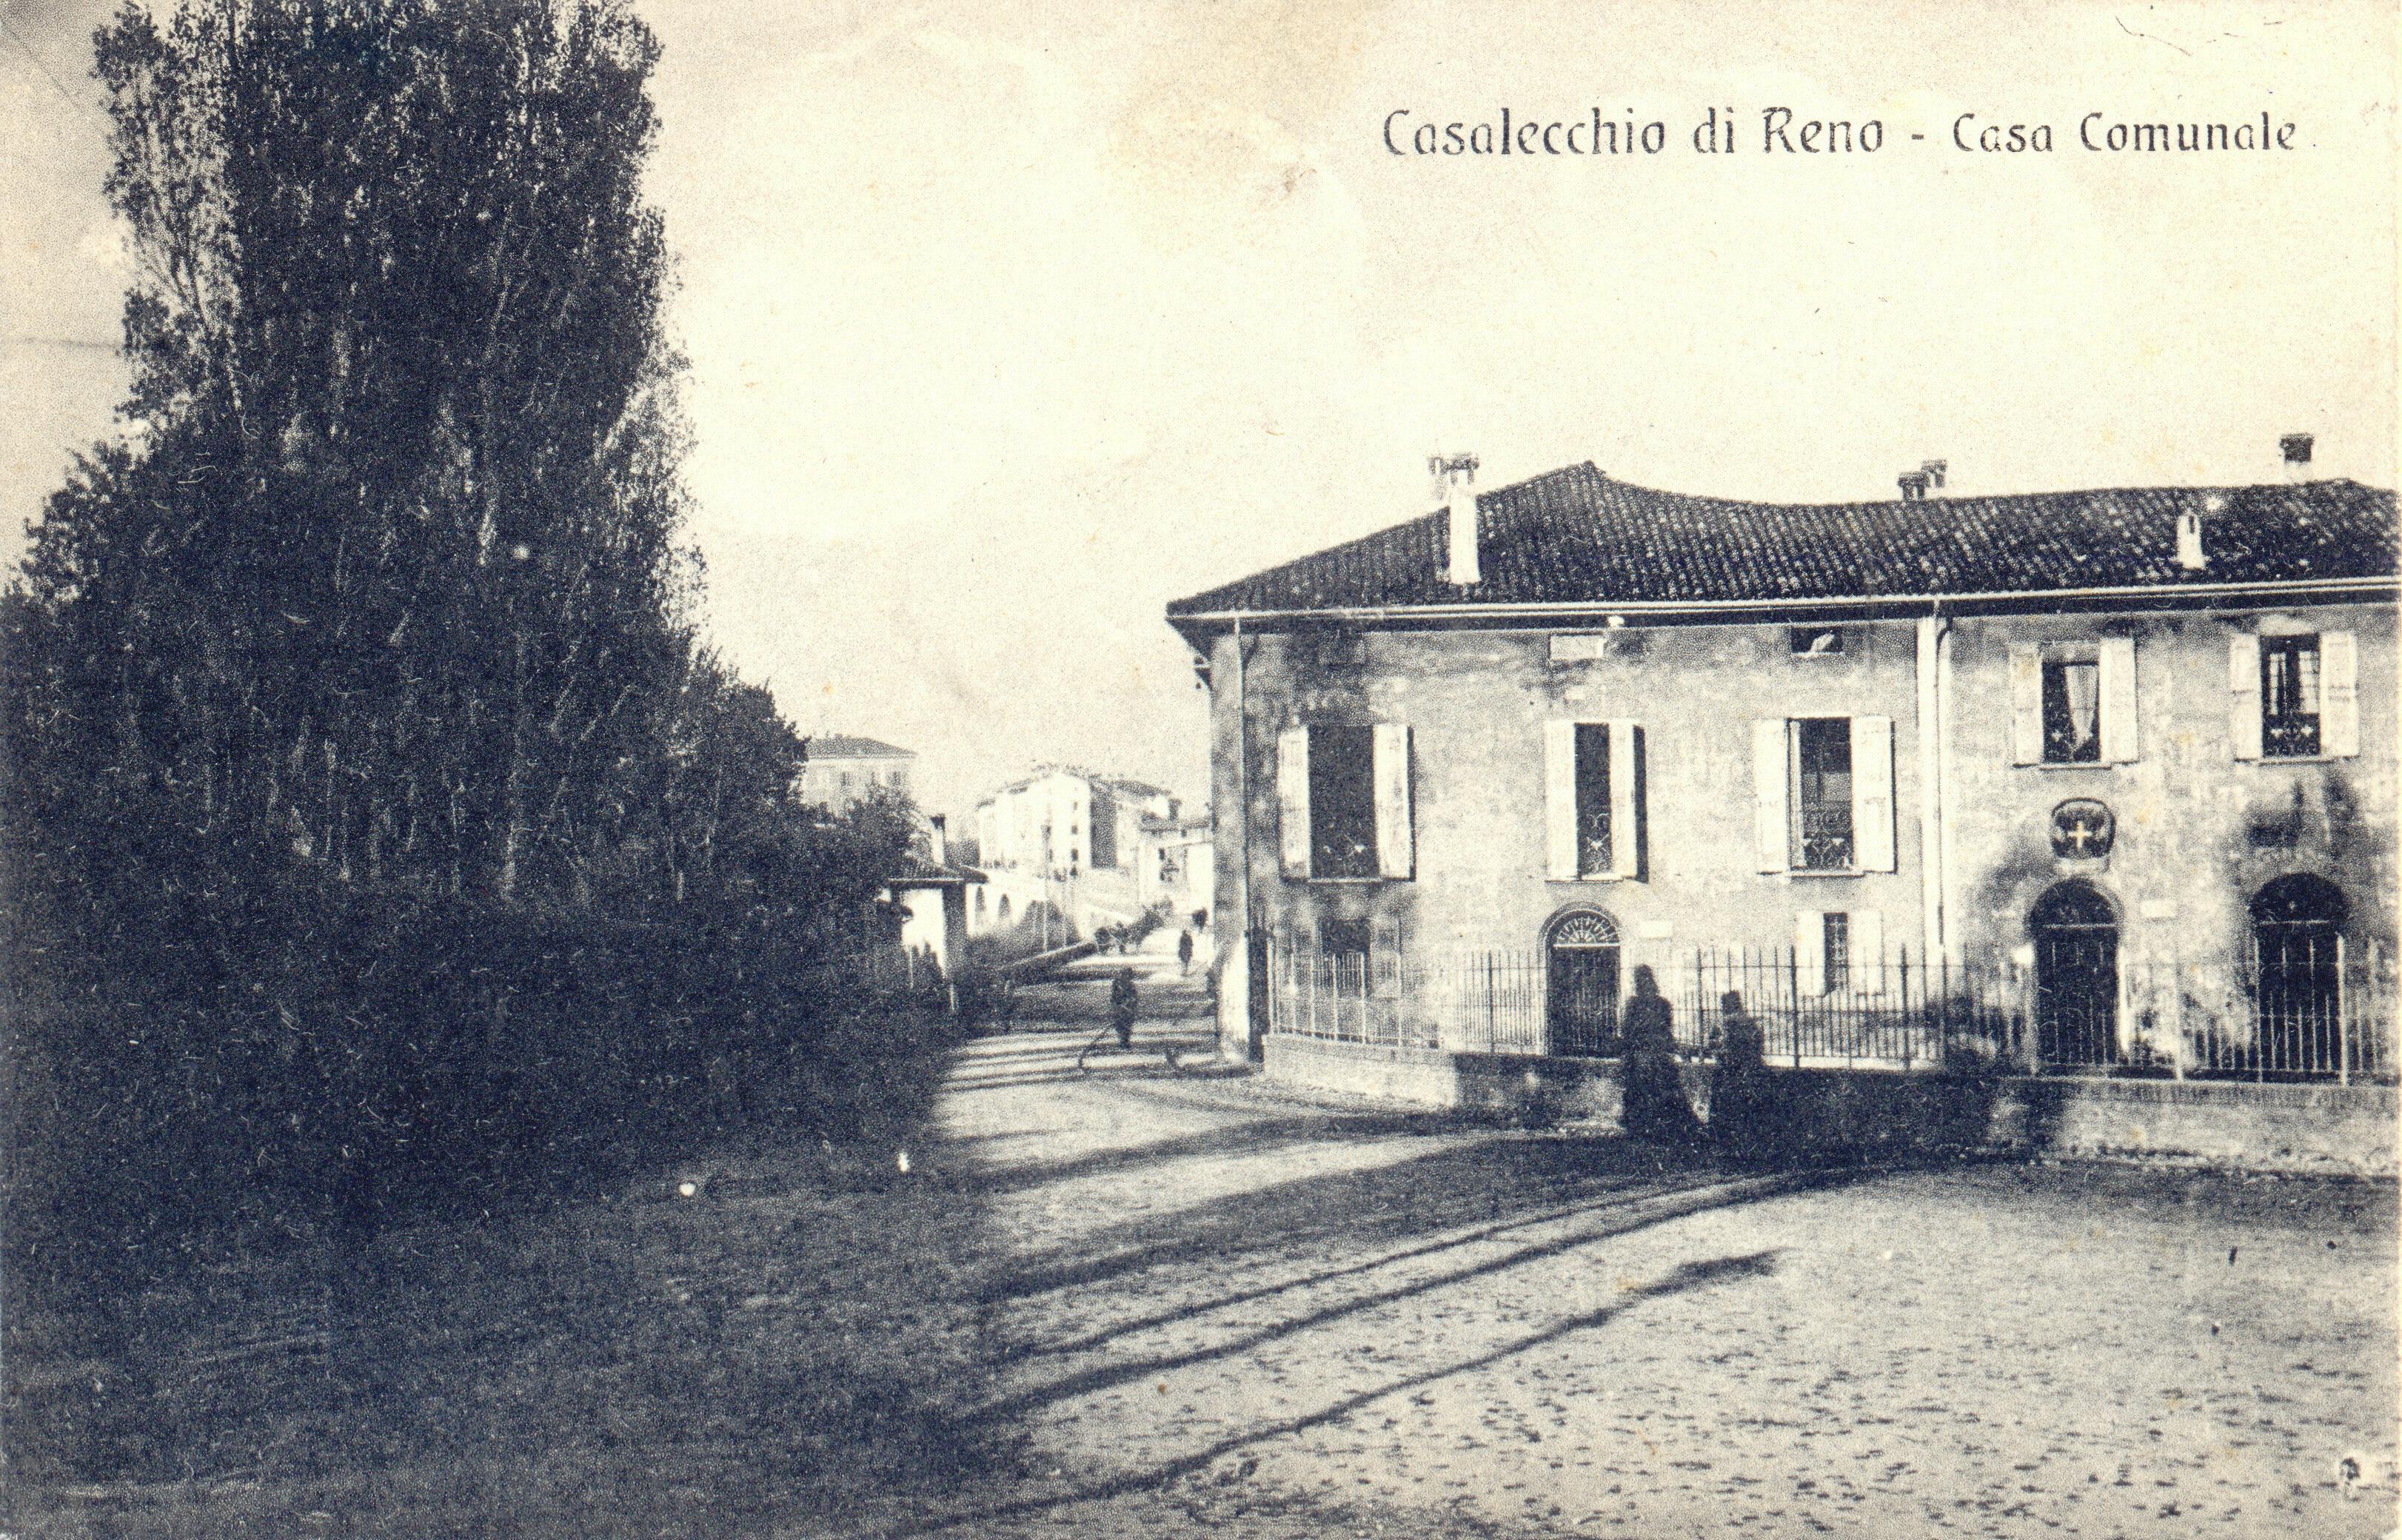 La sede municipale in una cartolina di inizio '900 (Collezione M. Neri)